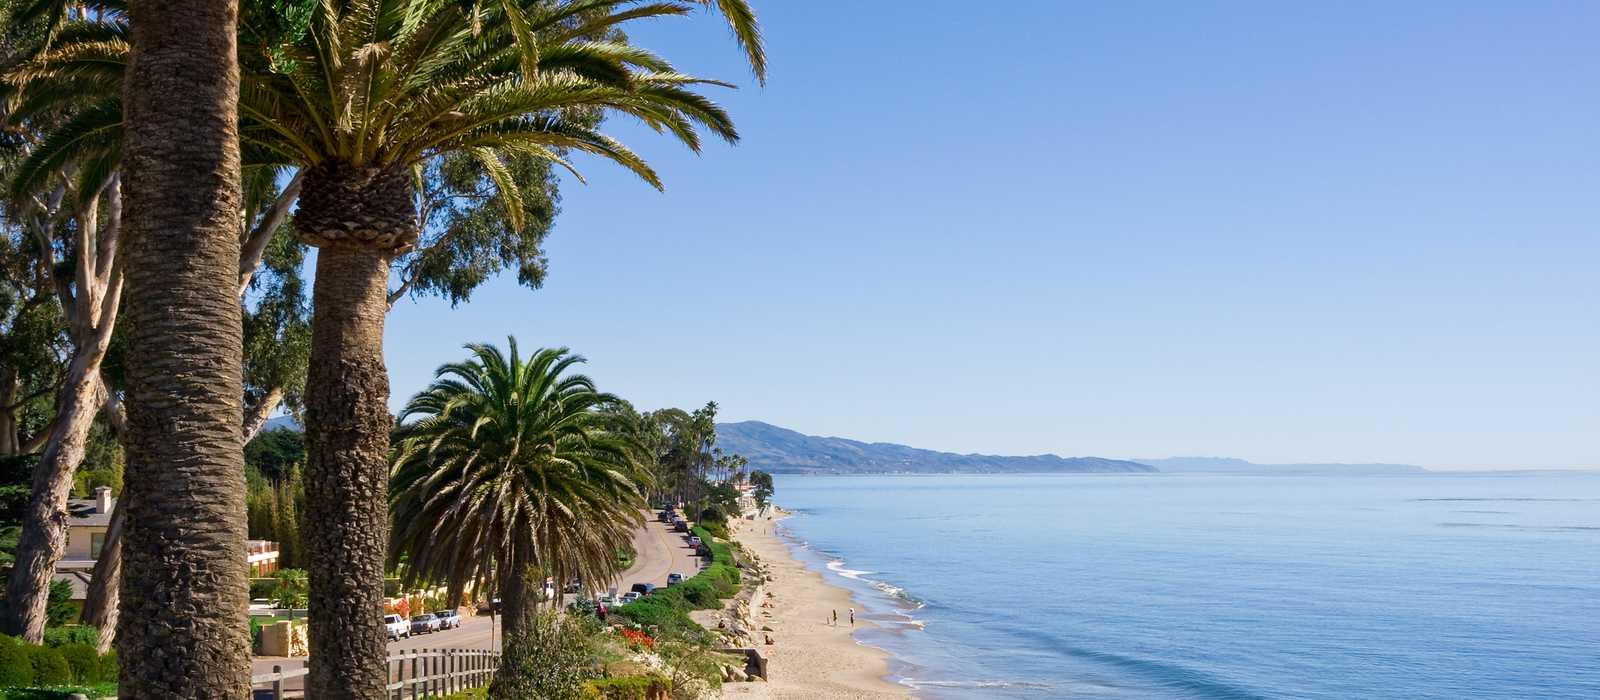 Butterfly Beach am Channel Drive in Santa Barbara, Kalifornien